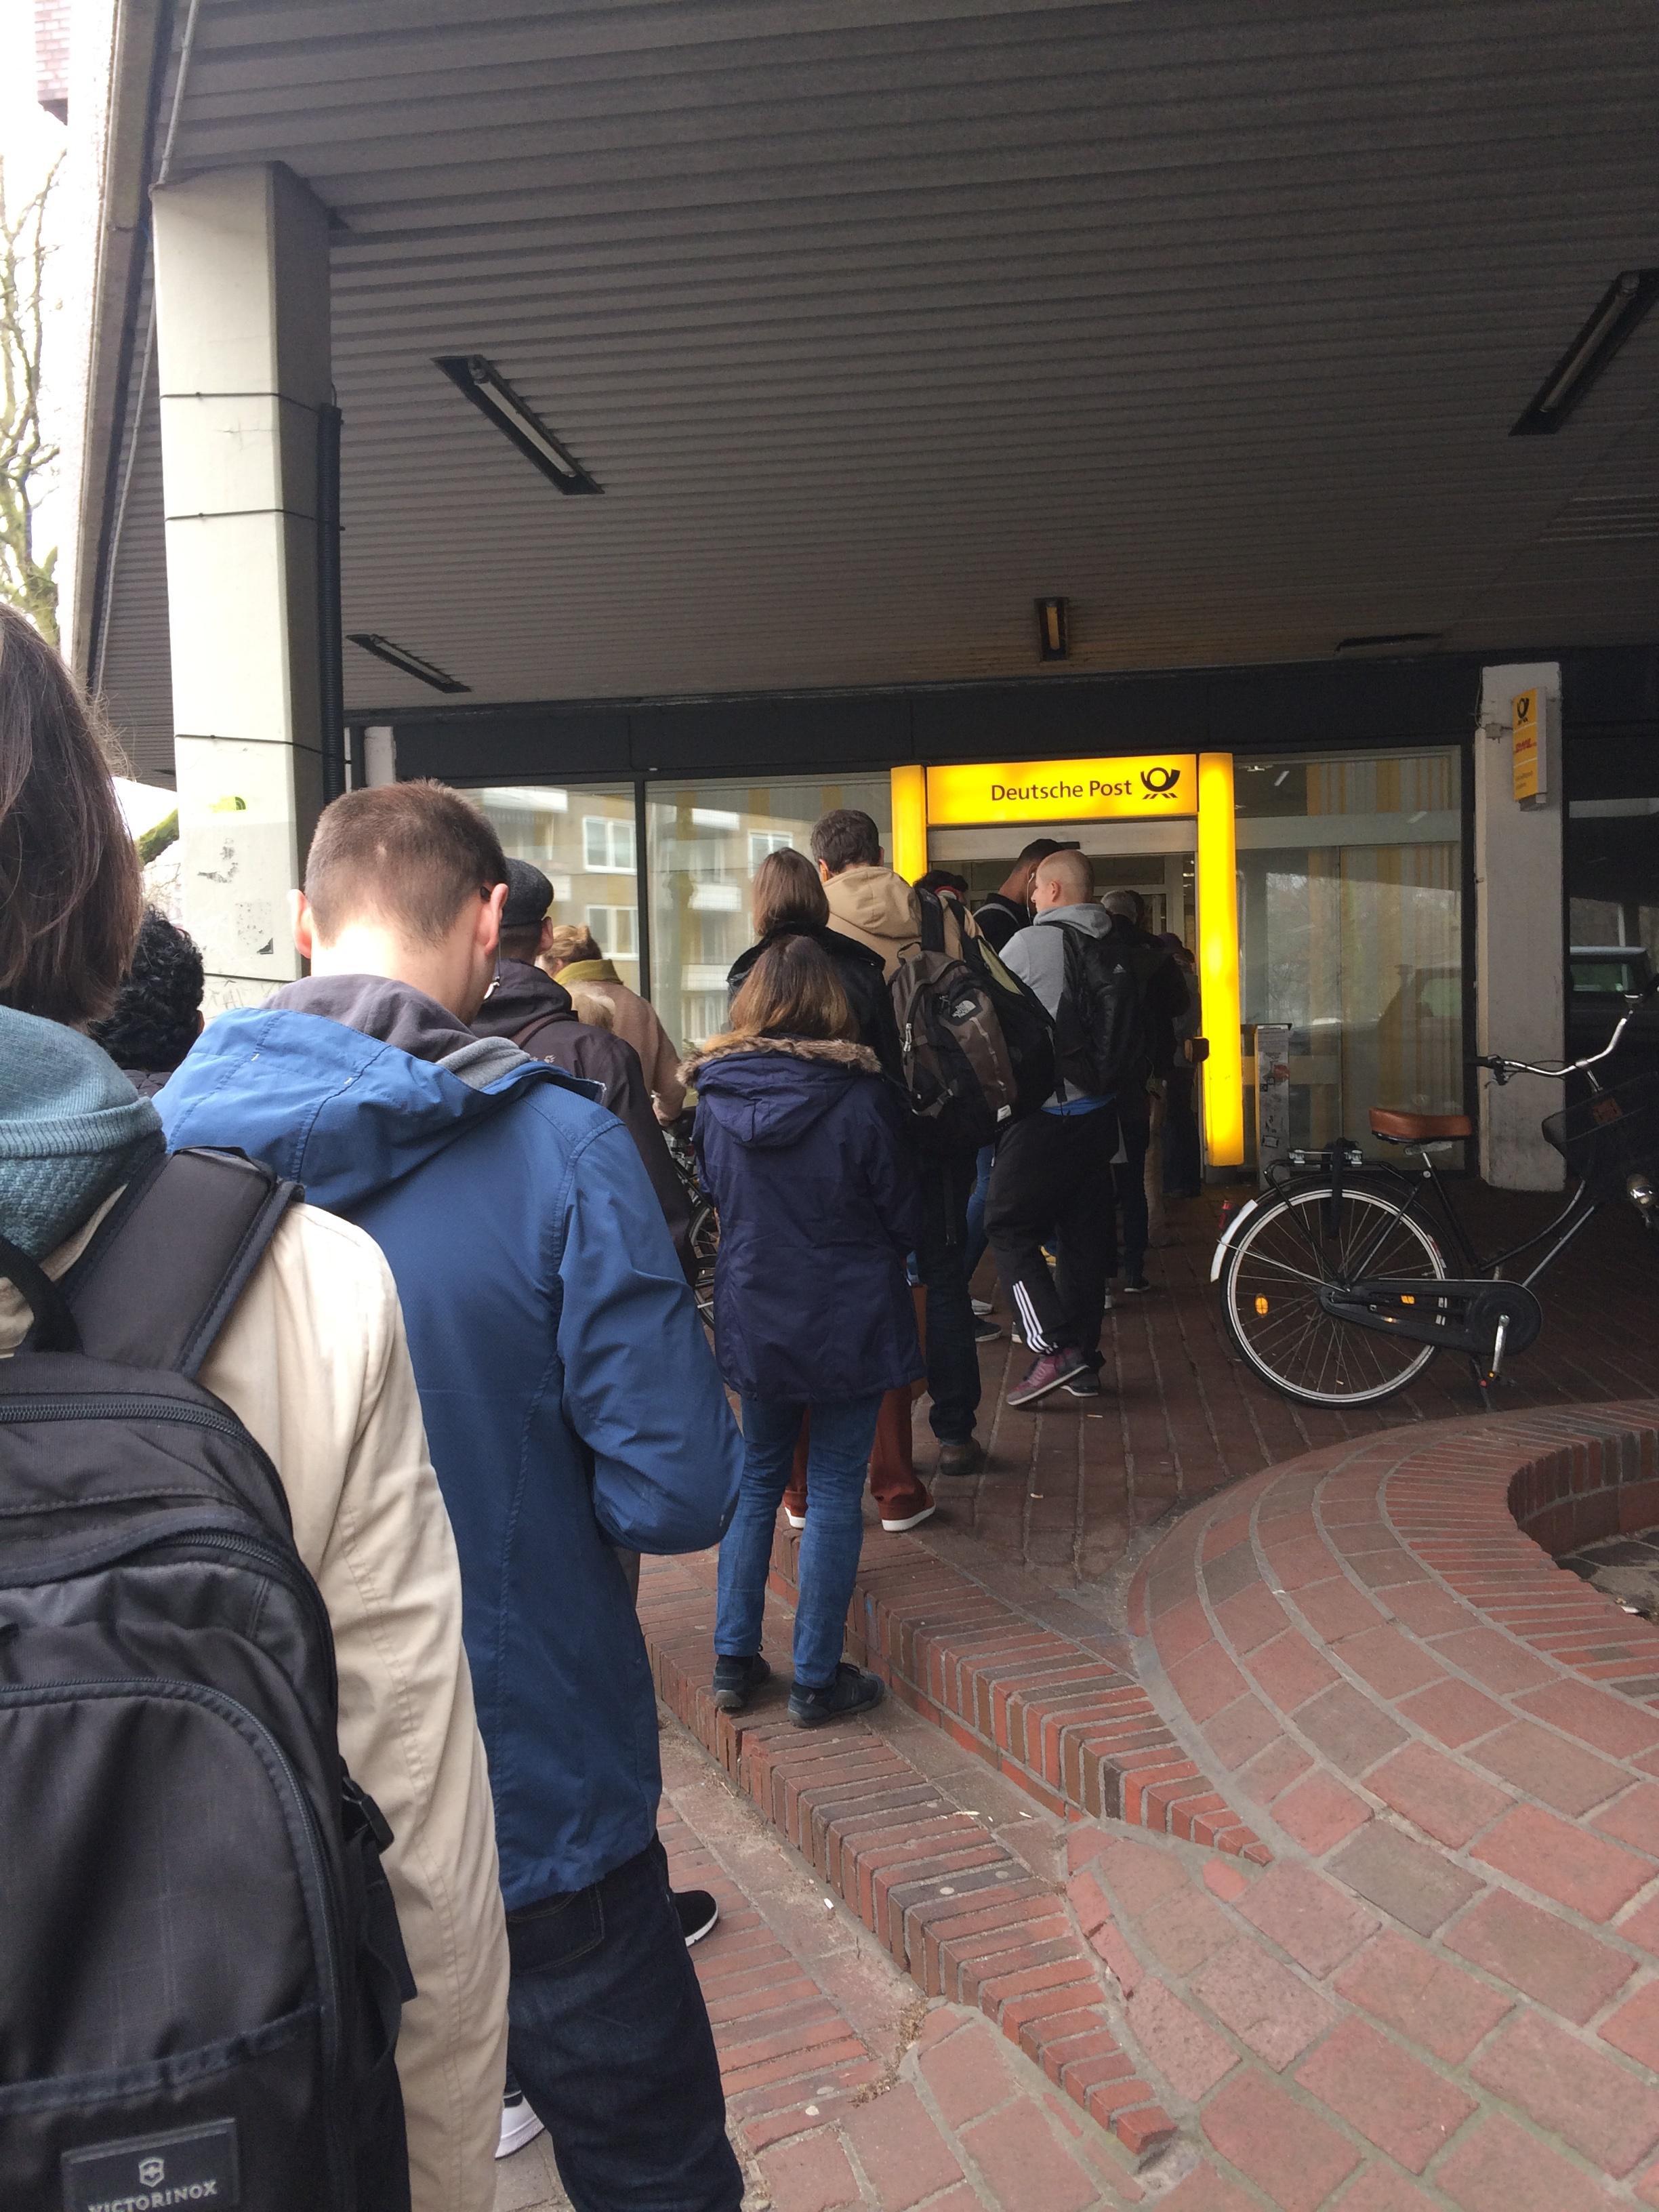 Dabei ist es doch ein ganz normaler Freitag. Was ist da los in der Post des Grauens am Kaltenkirchener Platz?